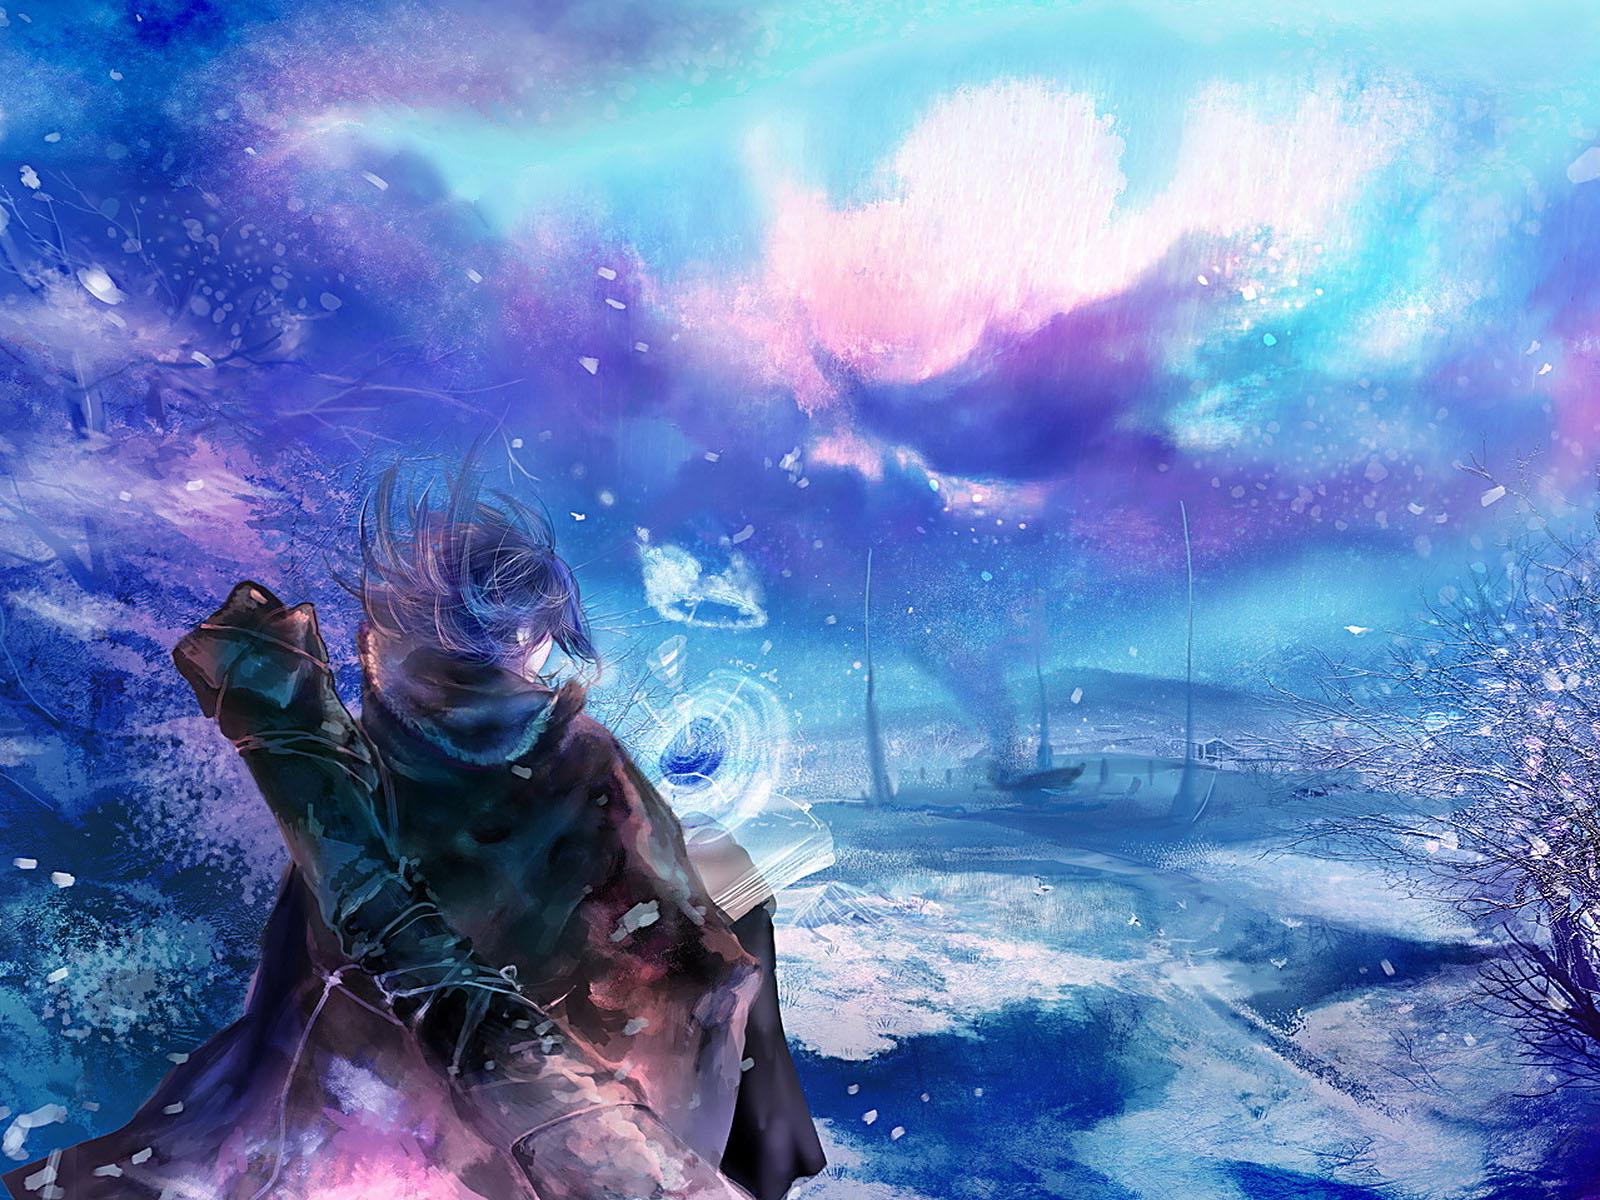 Anime HD Wallpaper 4K 962 1600x1200